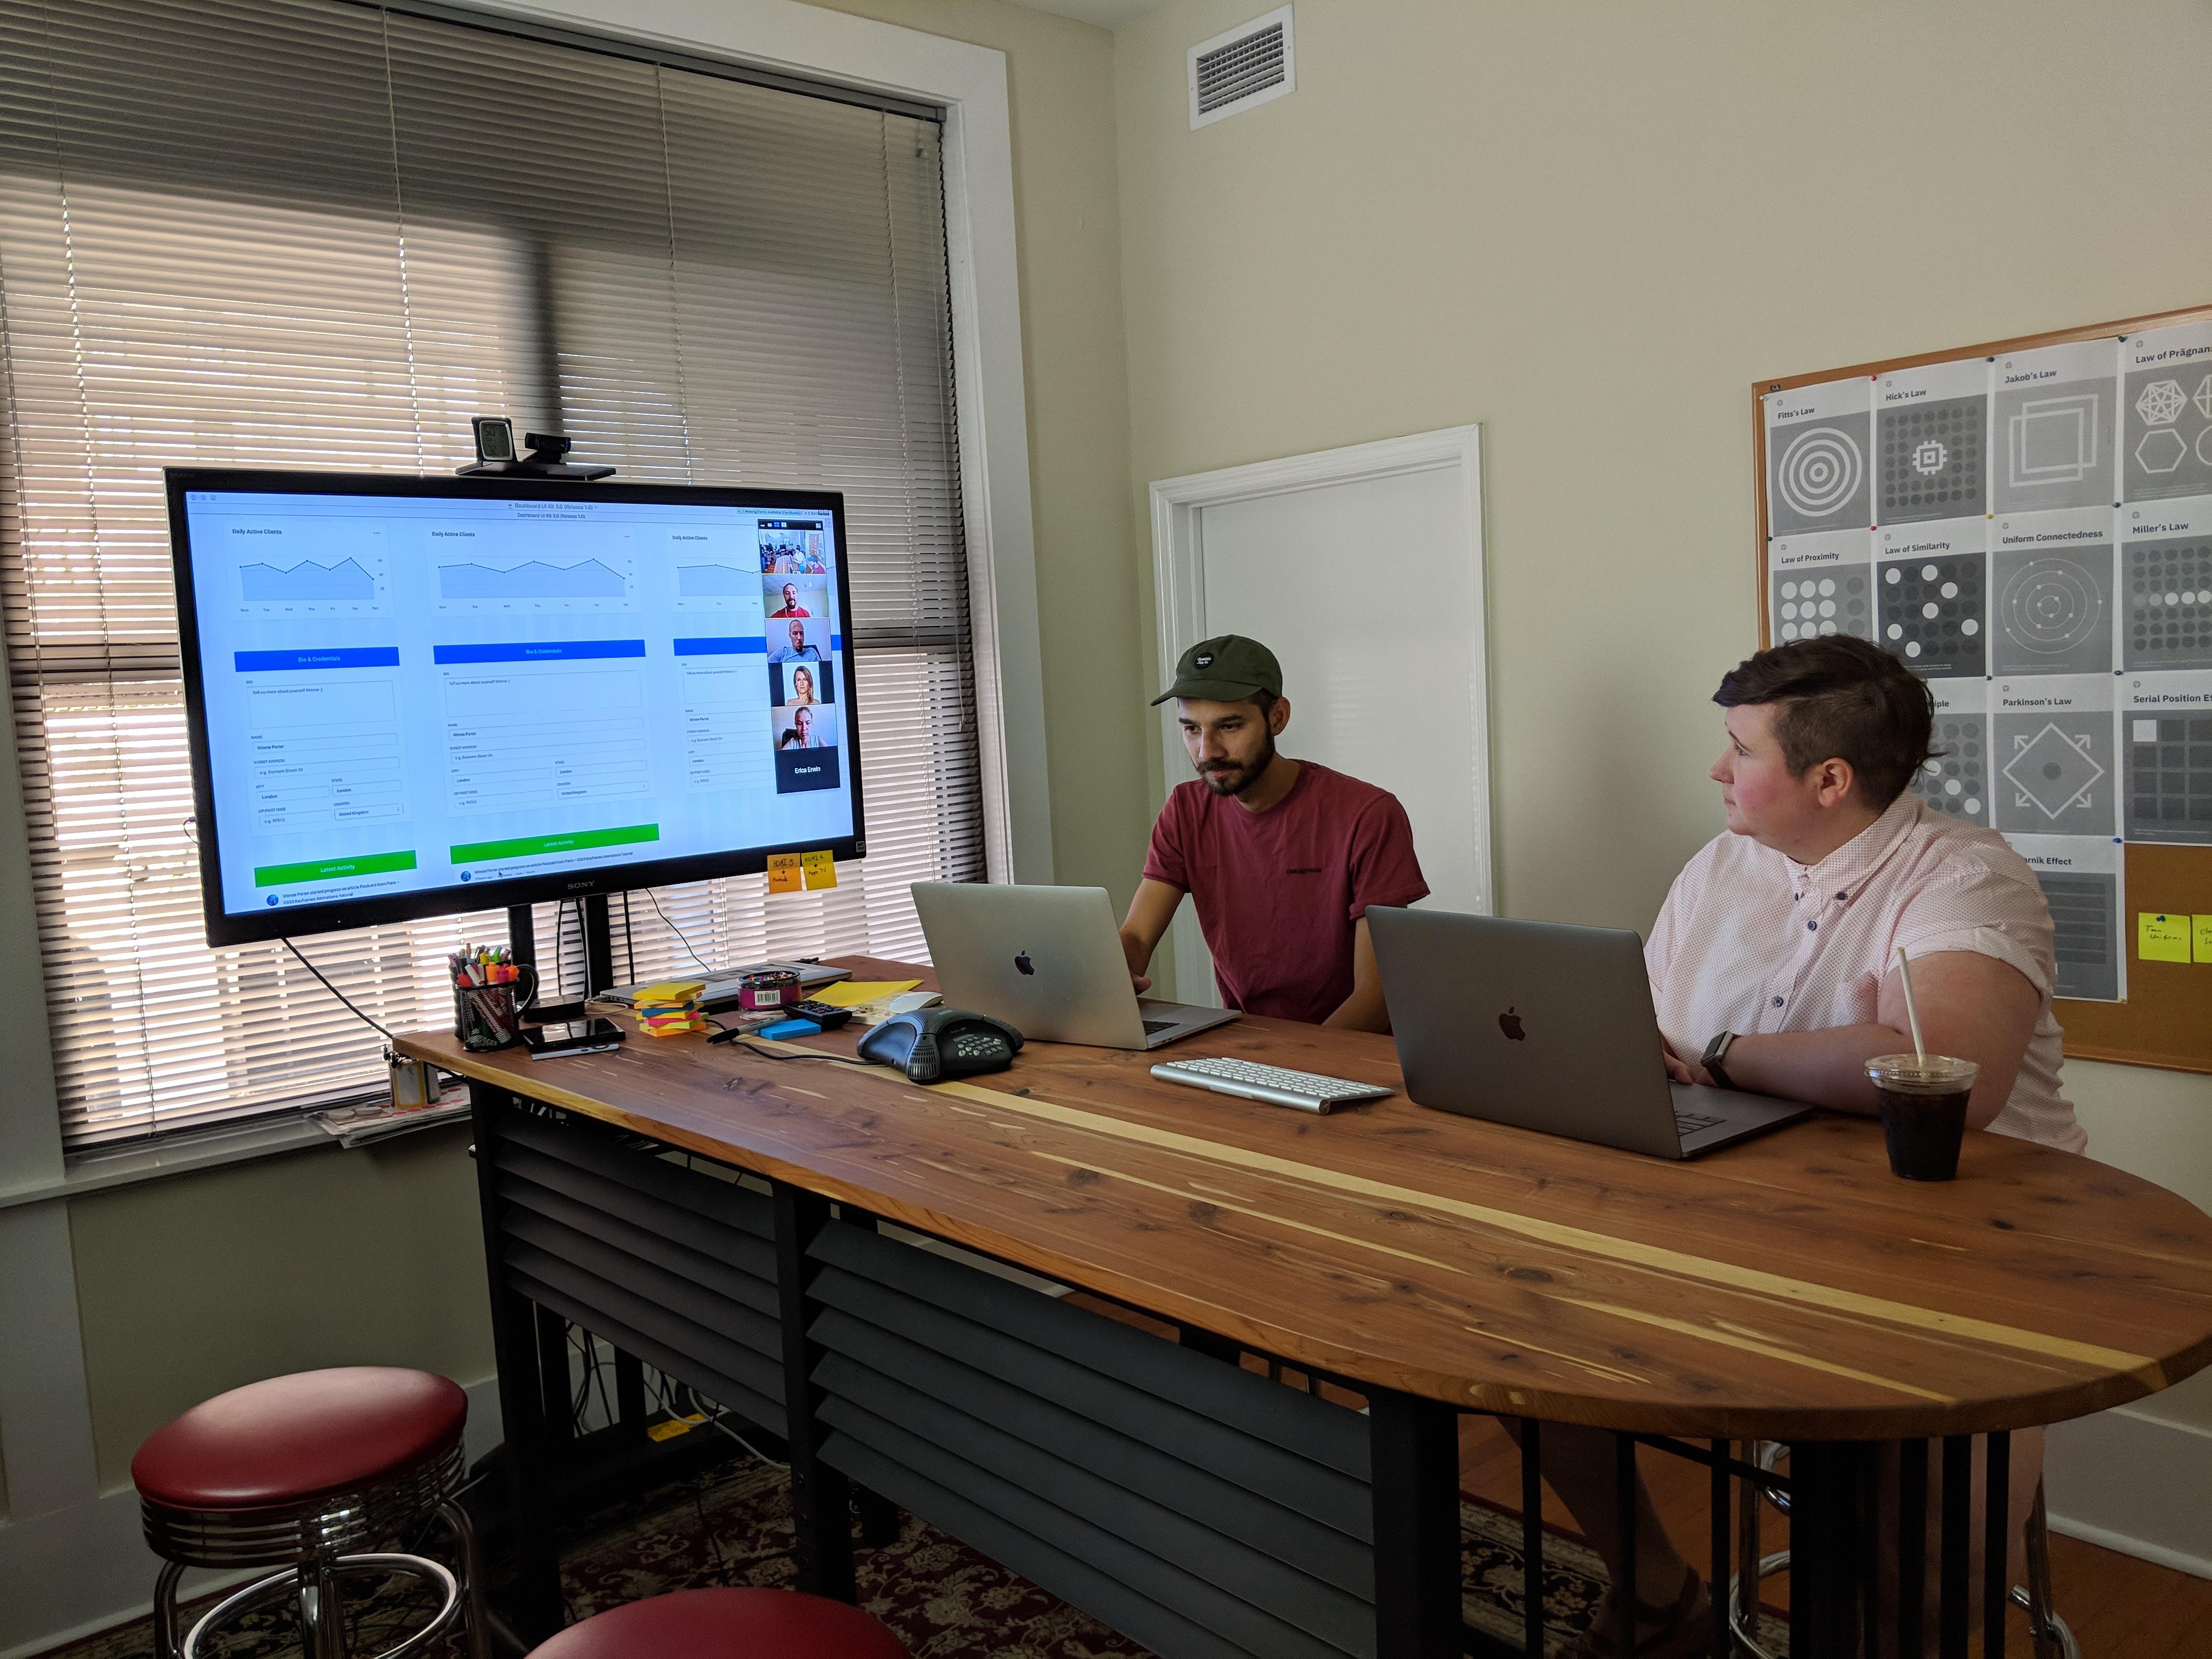 Agile UX meeting